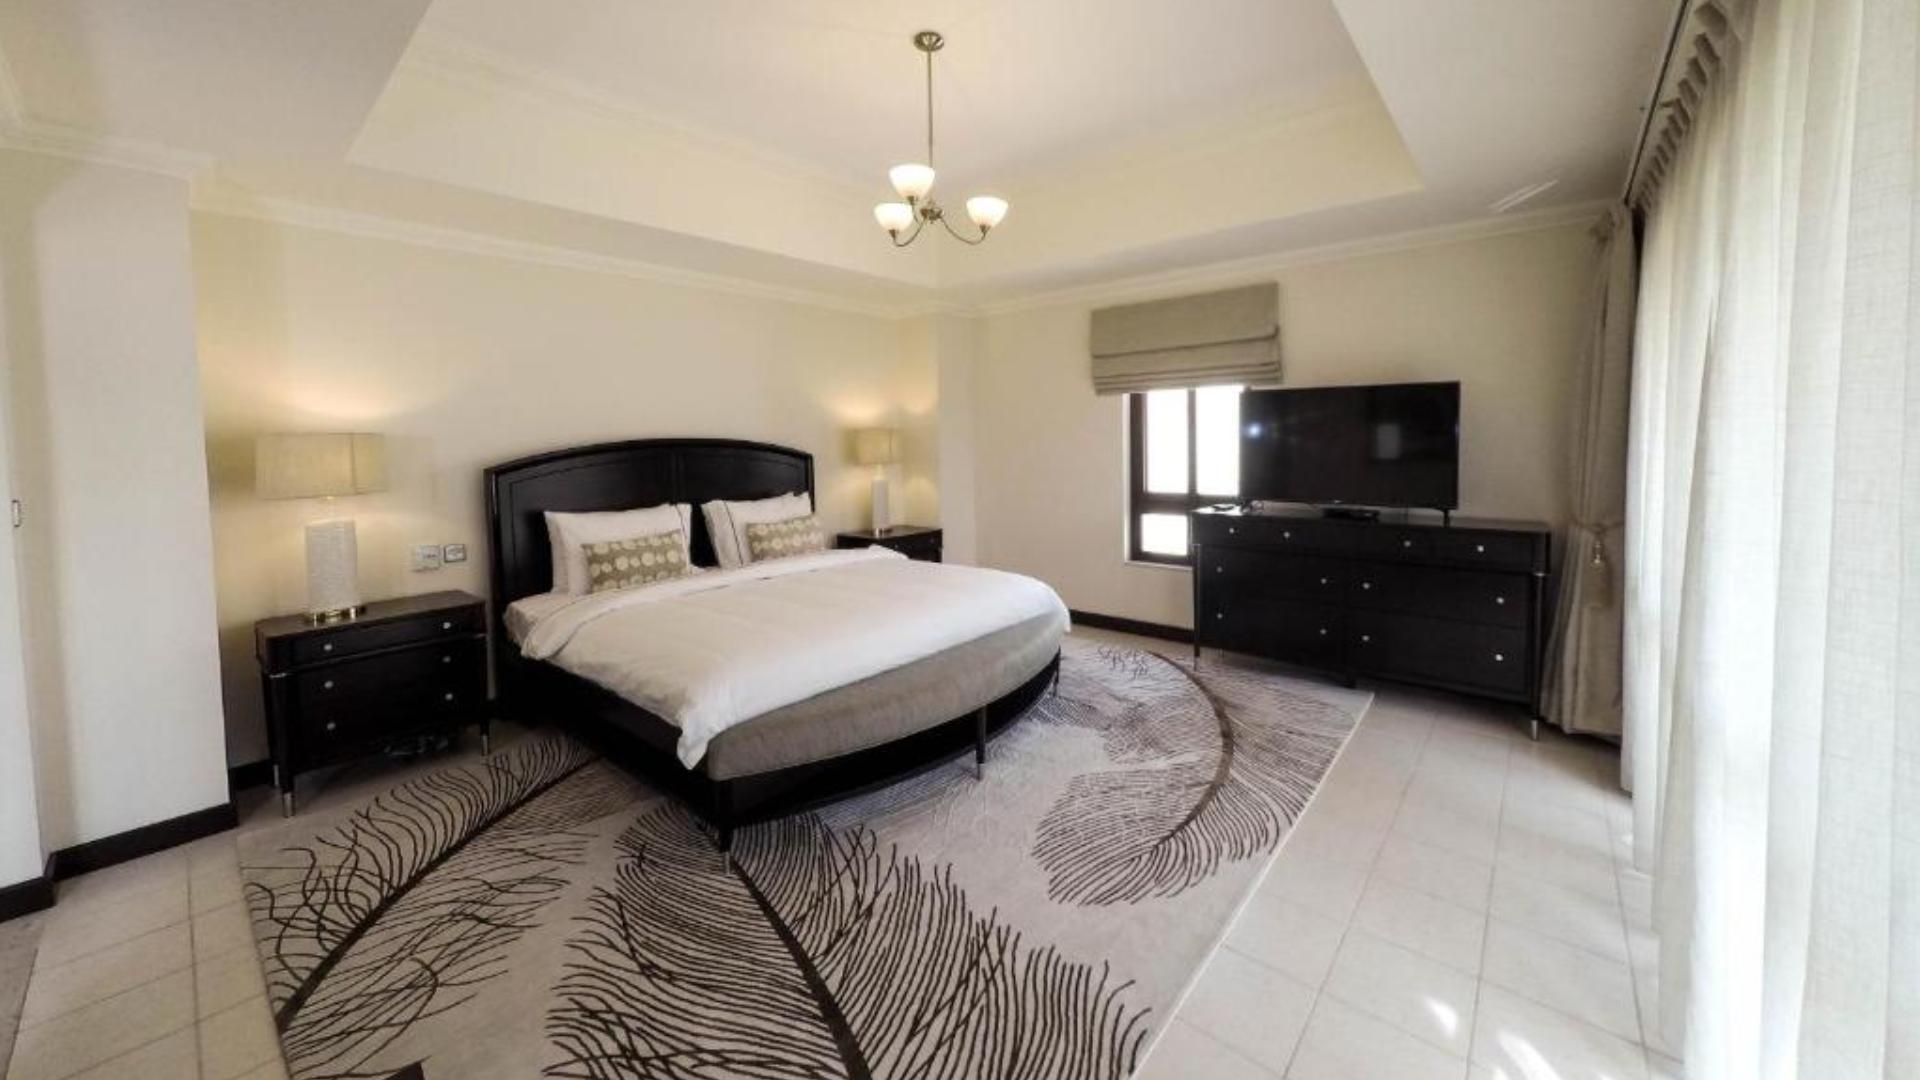 Villa en venta en Dubai, EAU, 4 dormitorios, 312 m2, № 24373 – foto 4